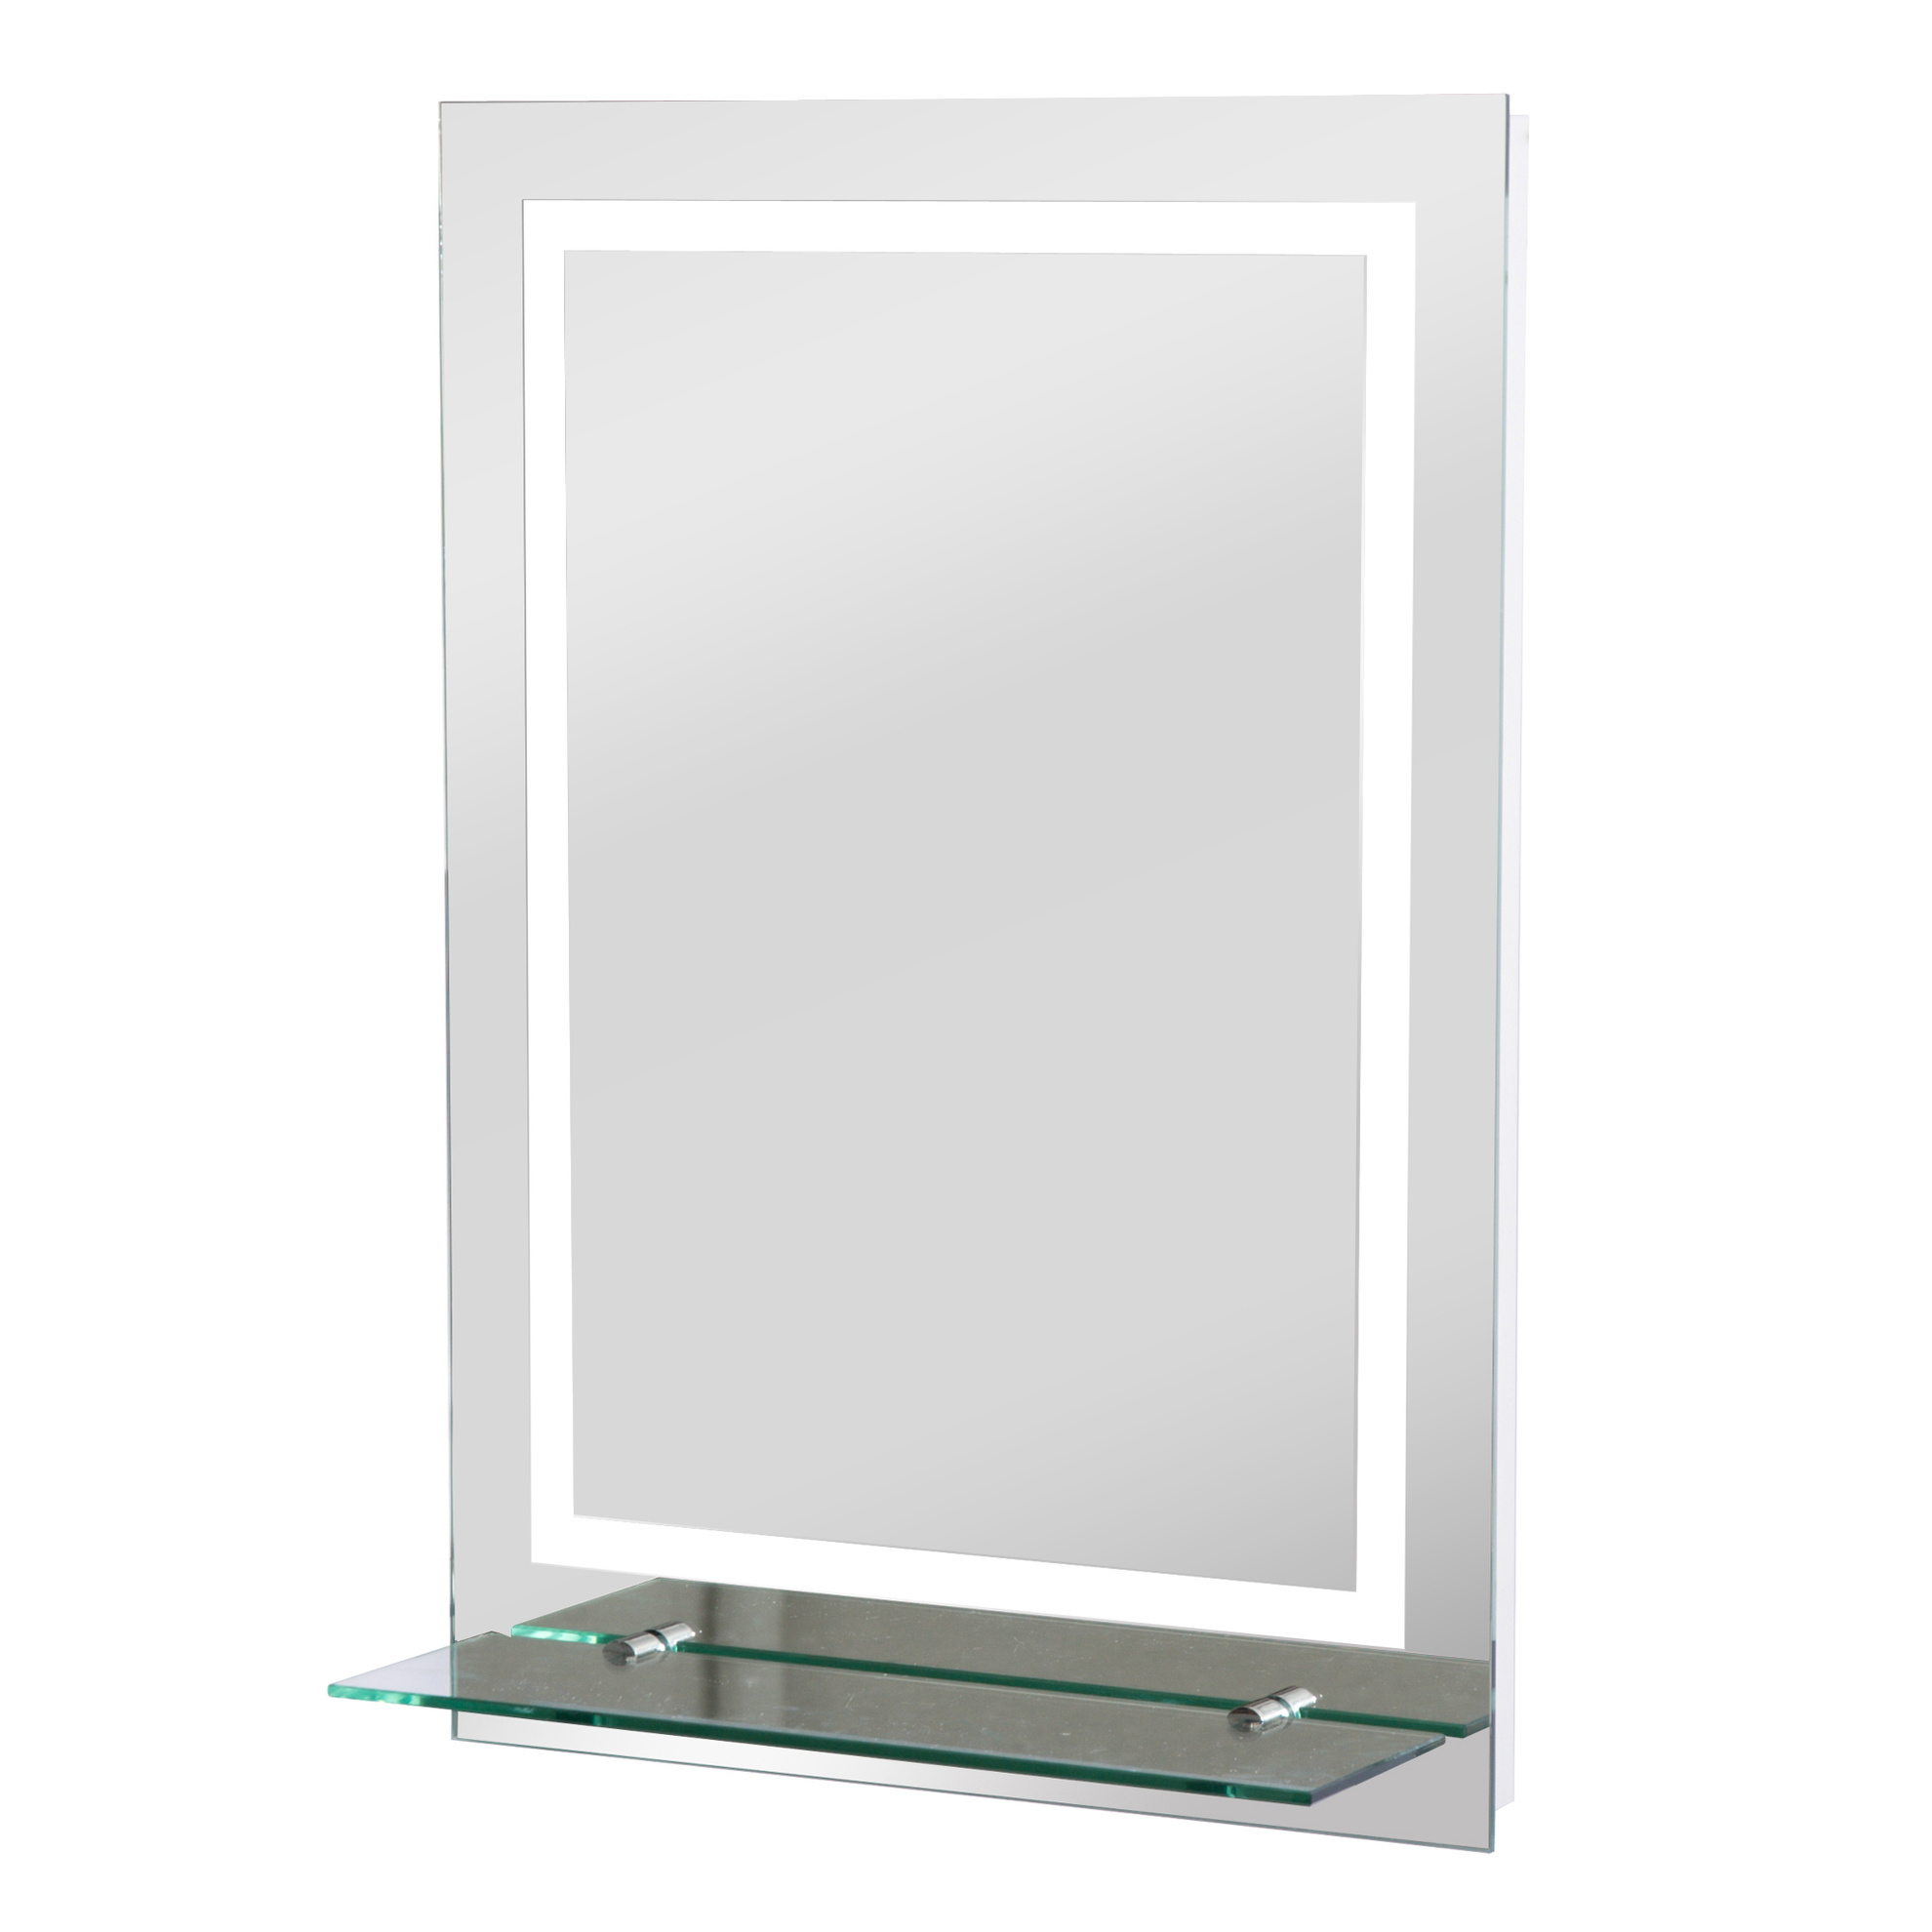 Badezimmerspiegel Ablage.Led Badezimmerspiegel Mit Glas Ablage Bestellen Weltbild De